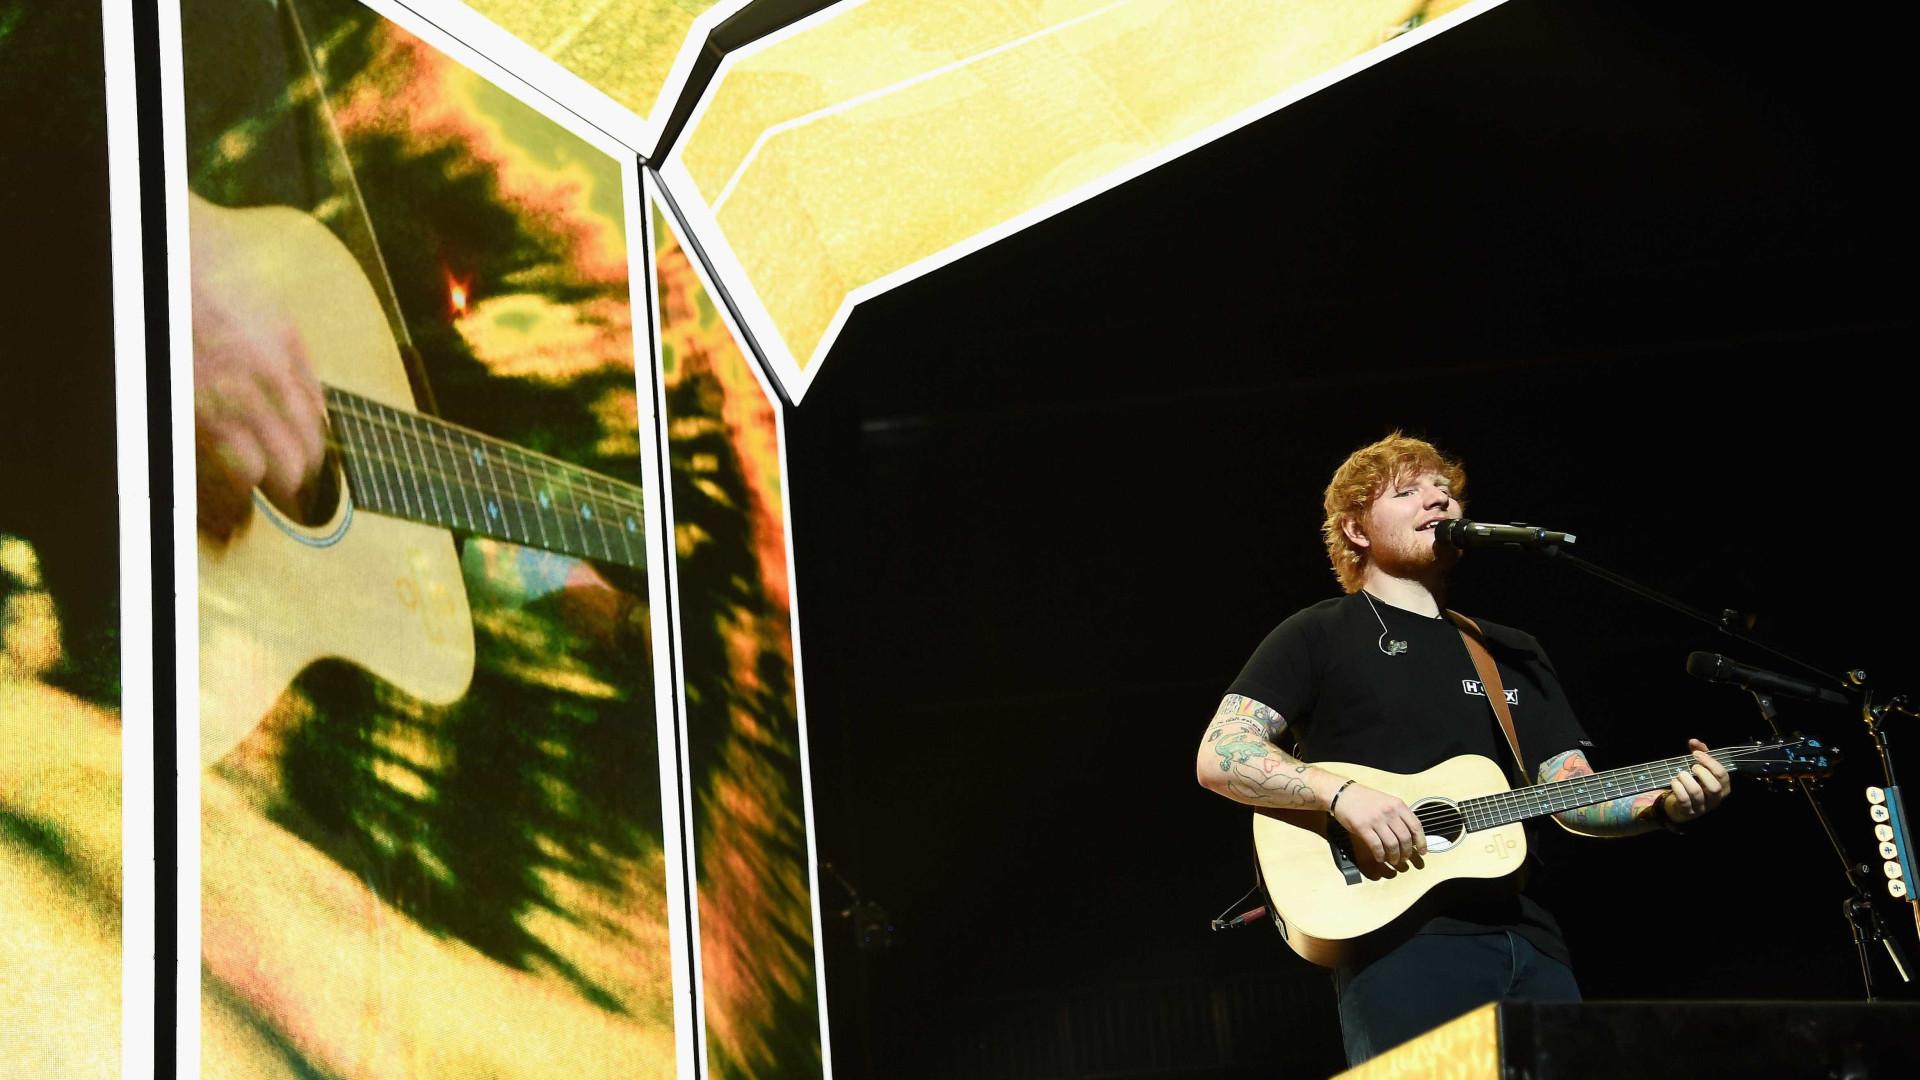 Após ser atropelado, Ed Sheeran obrigado a cancelar concertos